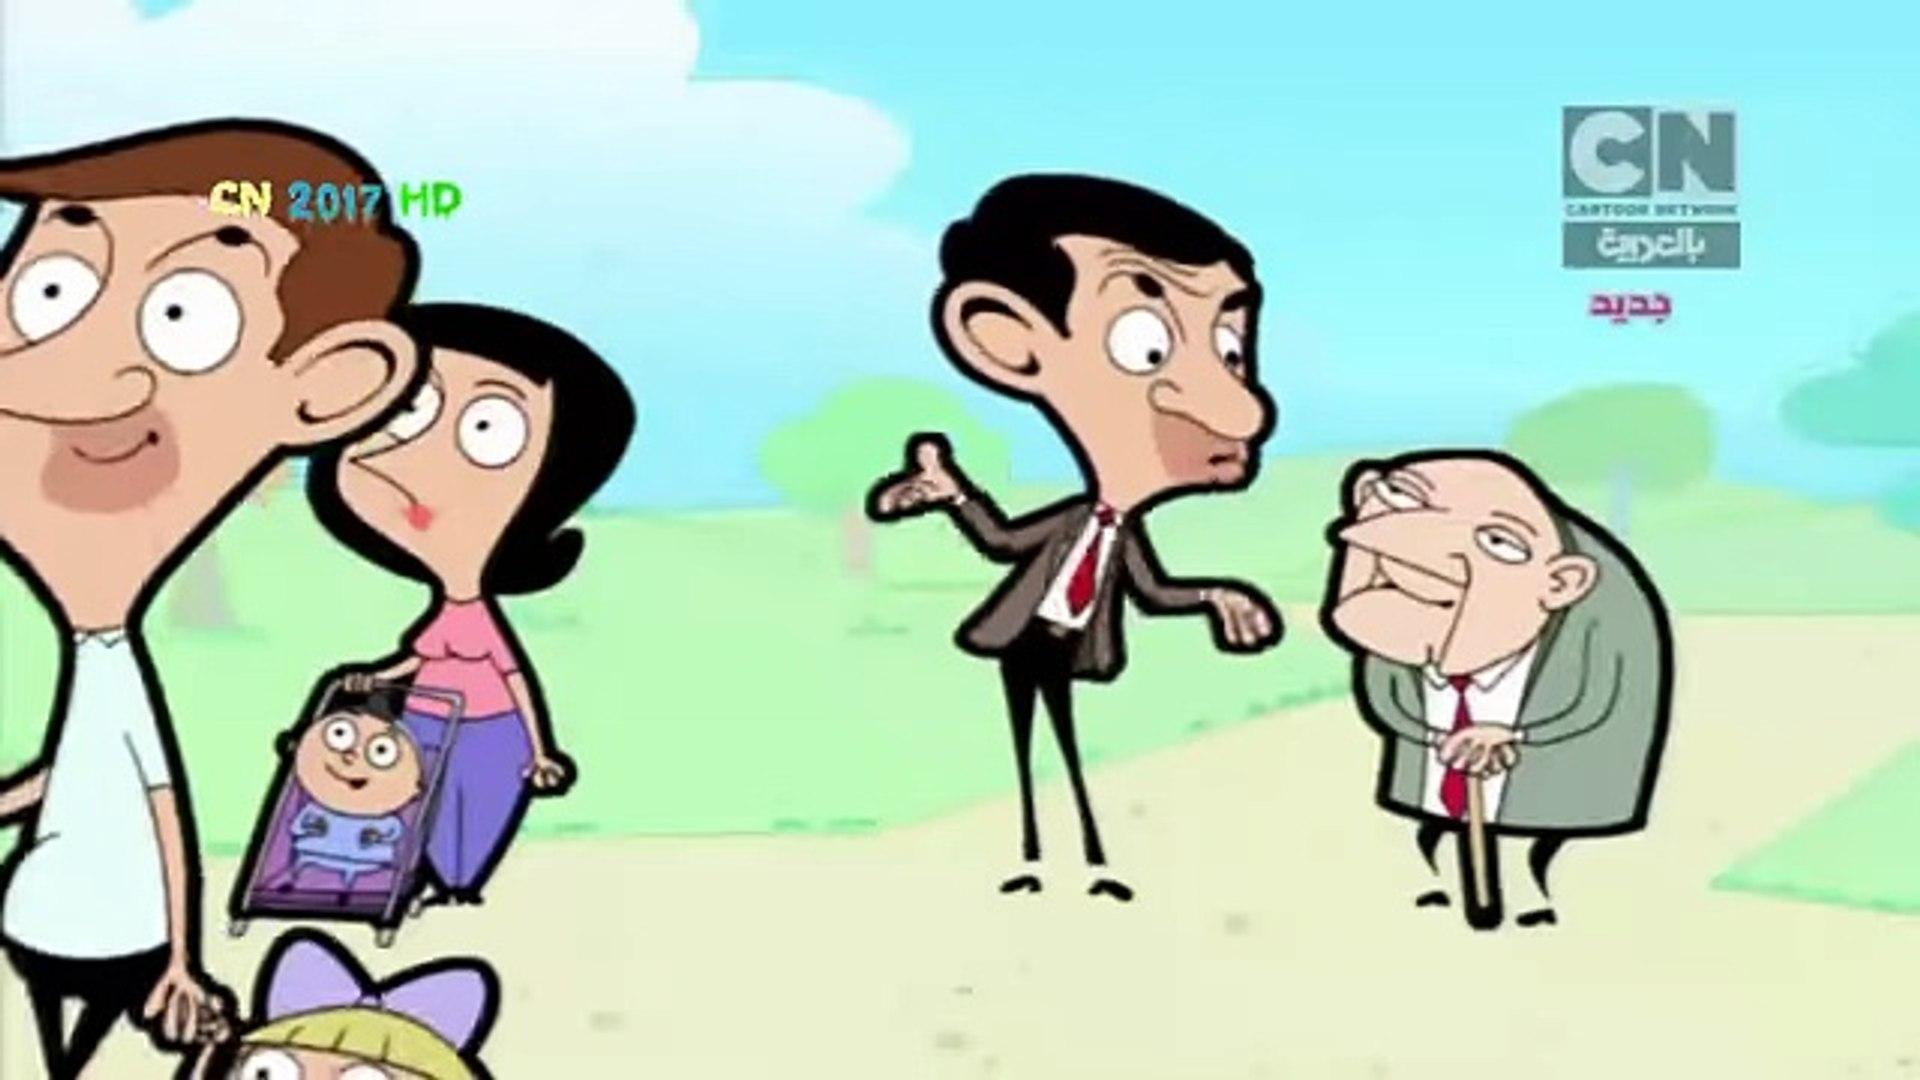 مستر بن الحلقه الاخيره تحول مستر بن الى مصاص دماء Mr Bean